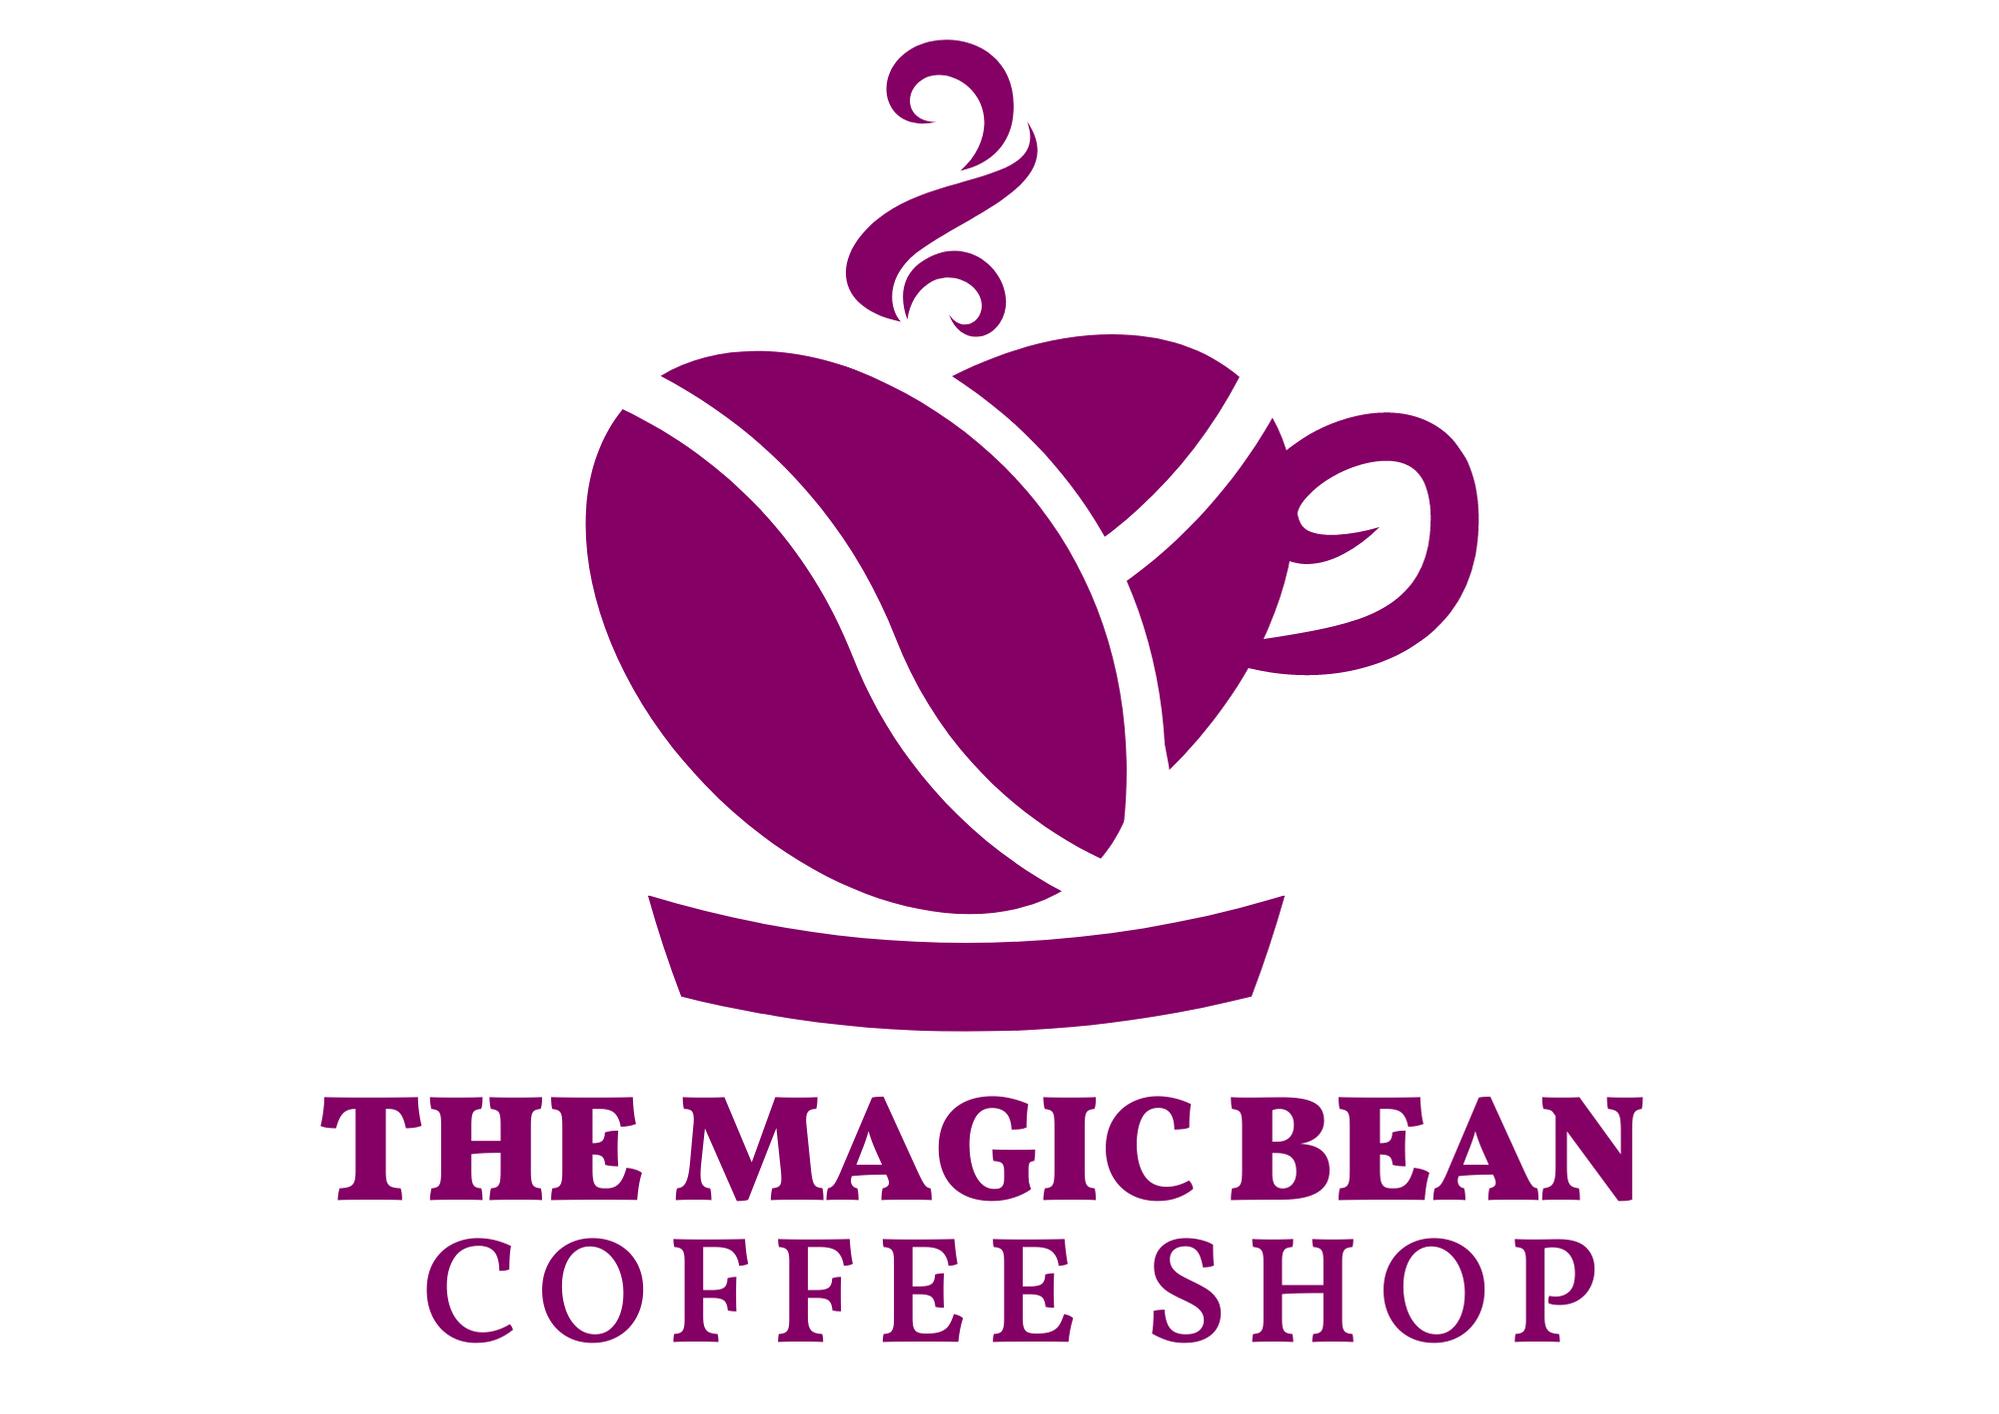 The Magic Bean Coffee Shop